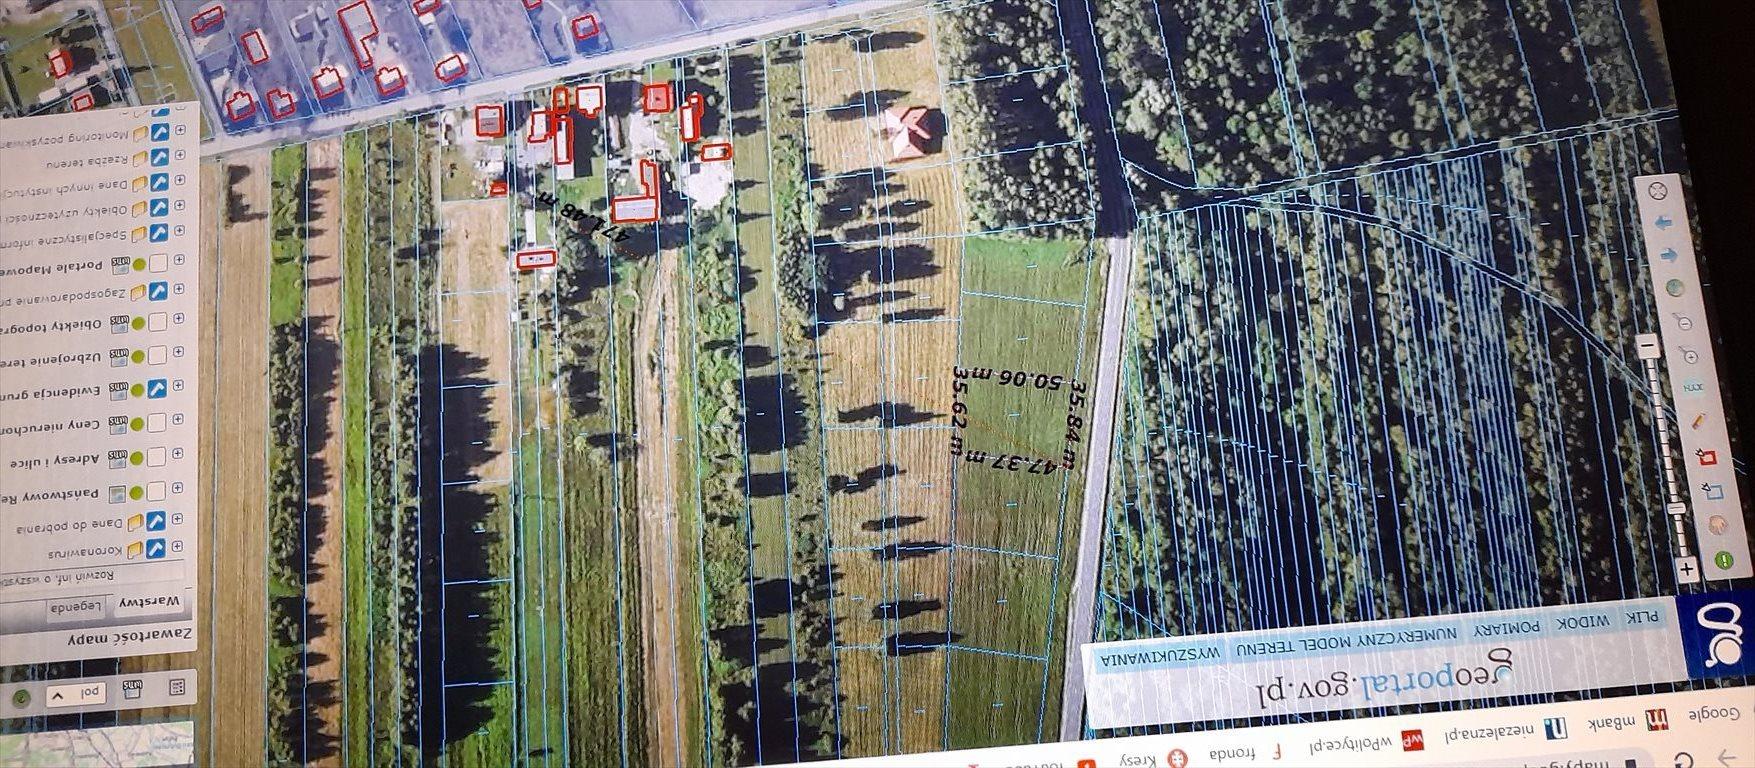 Działka budowlana na sprzedaż Augustówka, gm. Osieck, otwocki powiat, Kołbielska  1738m2 Foto 1